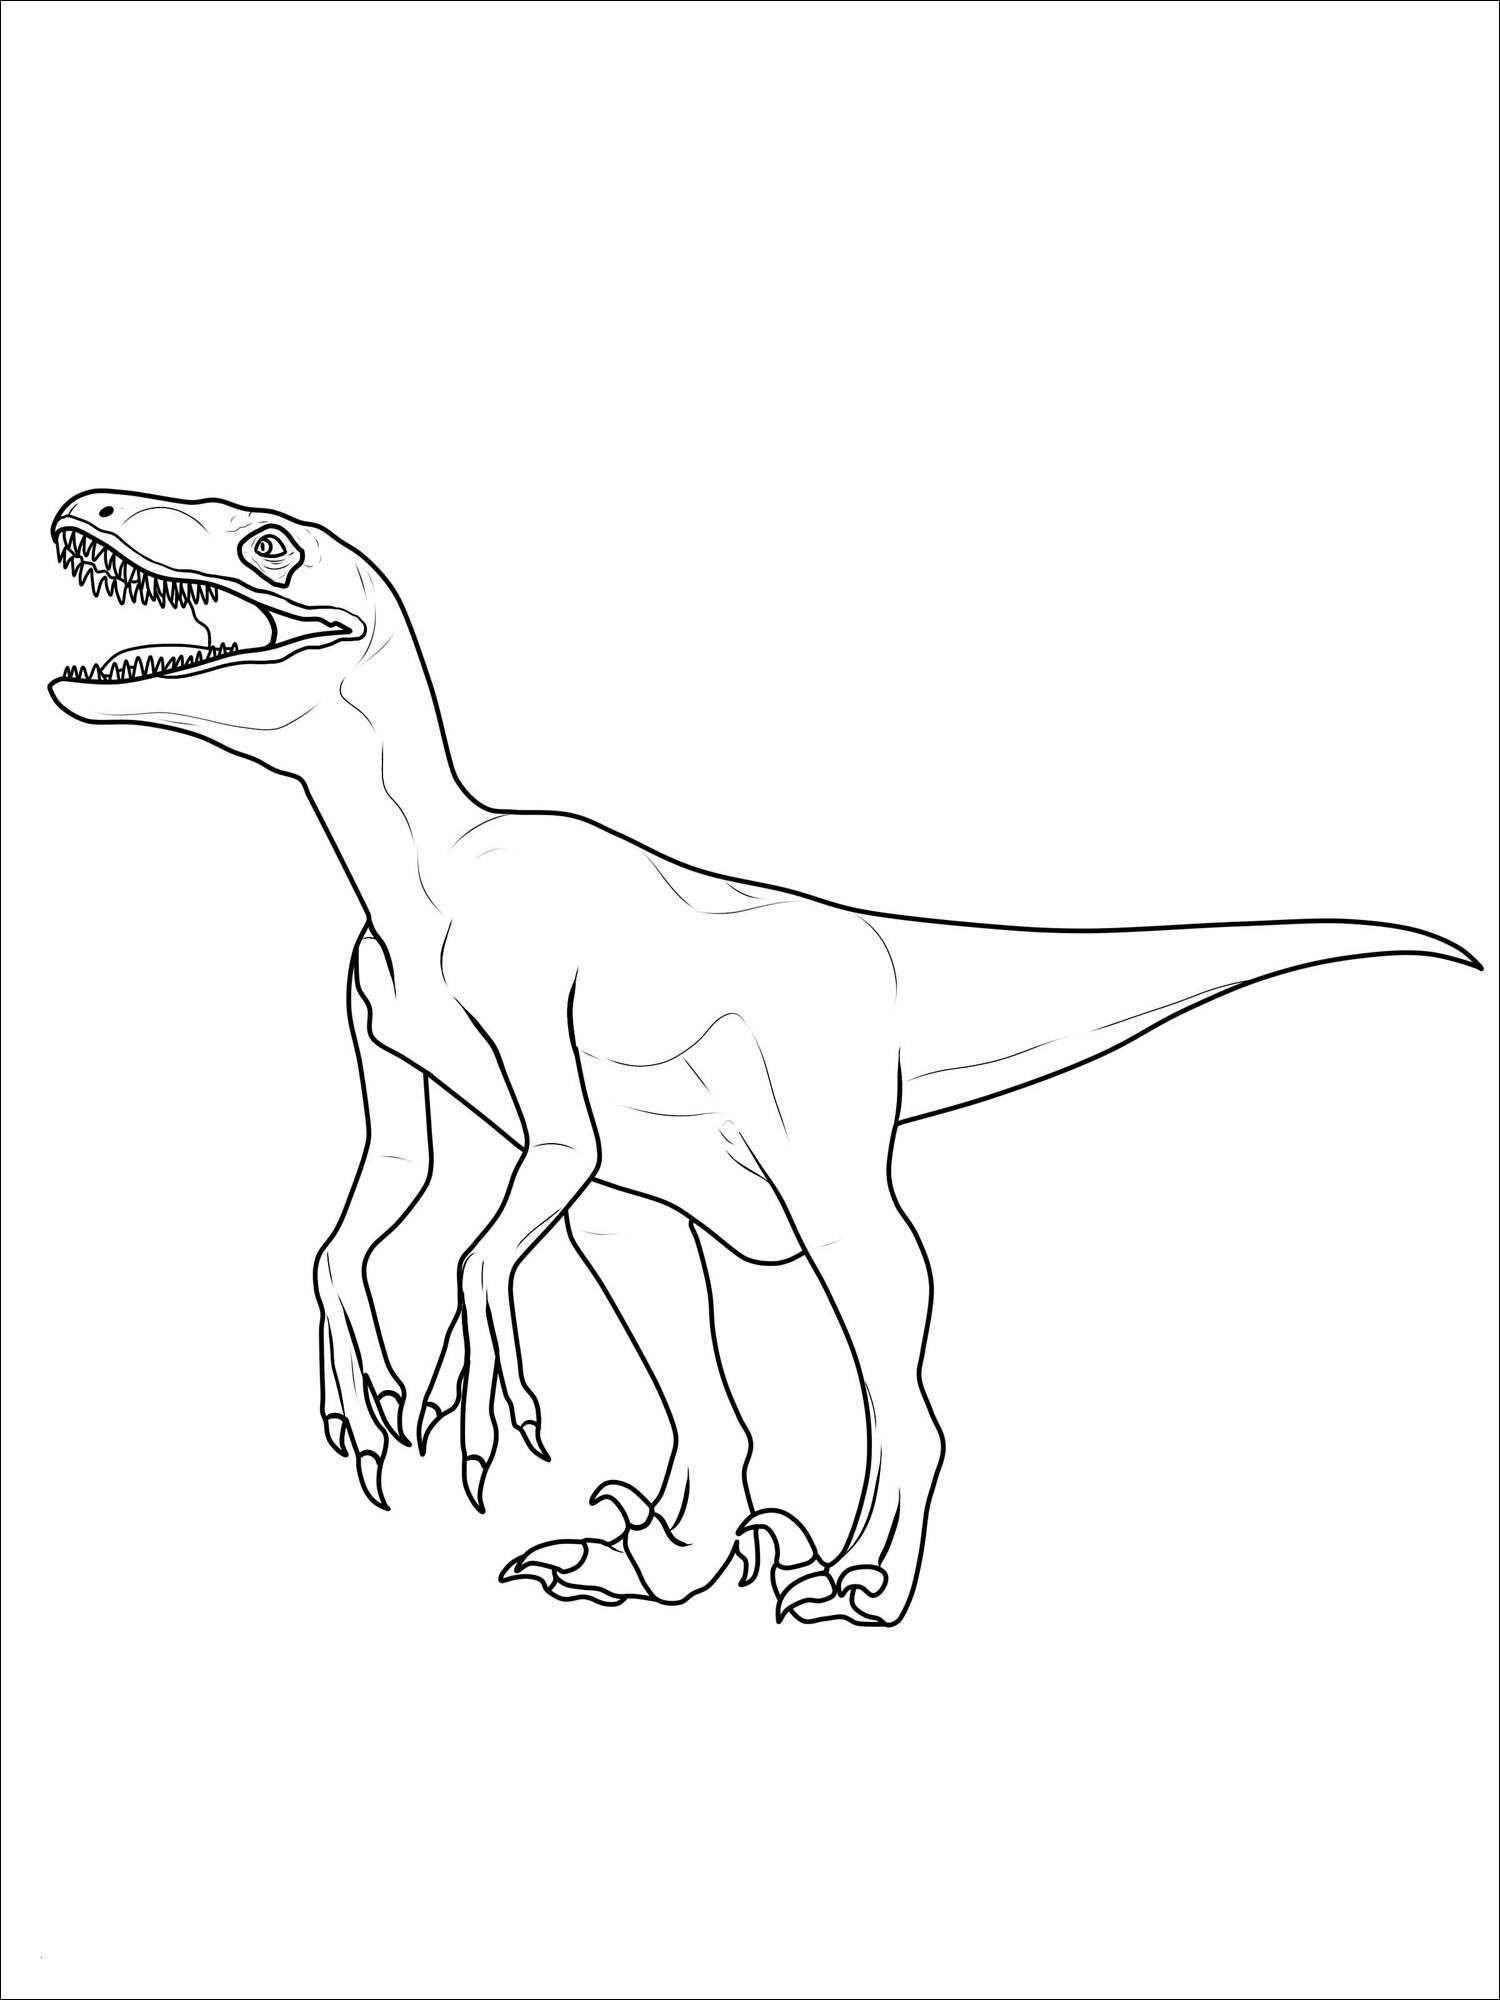 Ausmalbild T-rex Frisch Ausmalbilder T Rex Idee 37 Ausmalbilder Von Eulen Scoredatscore Bilder